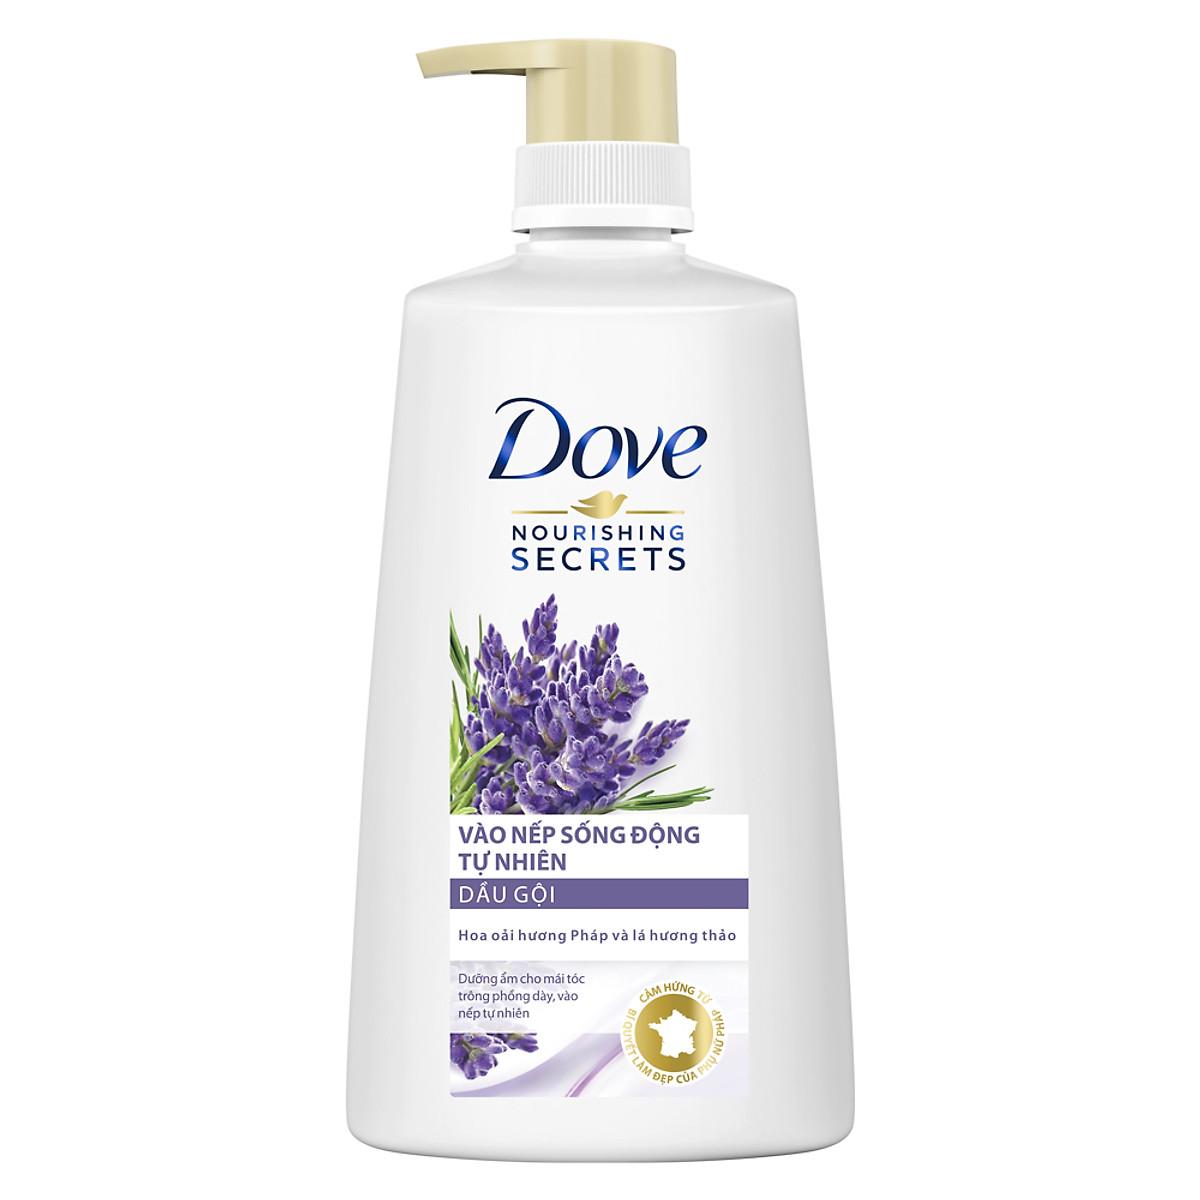 Dove dầu gội vào nếp sống động tự nhiên 650g